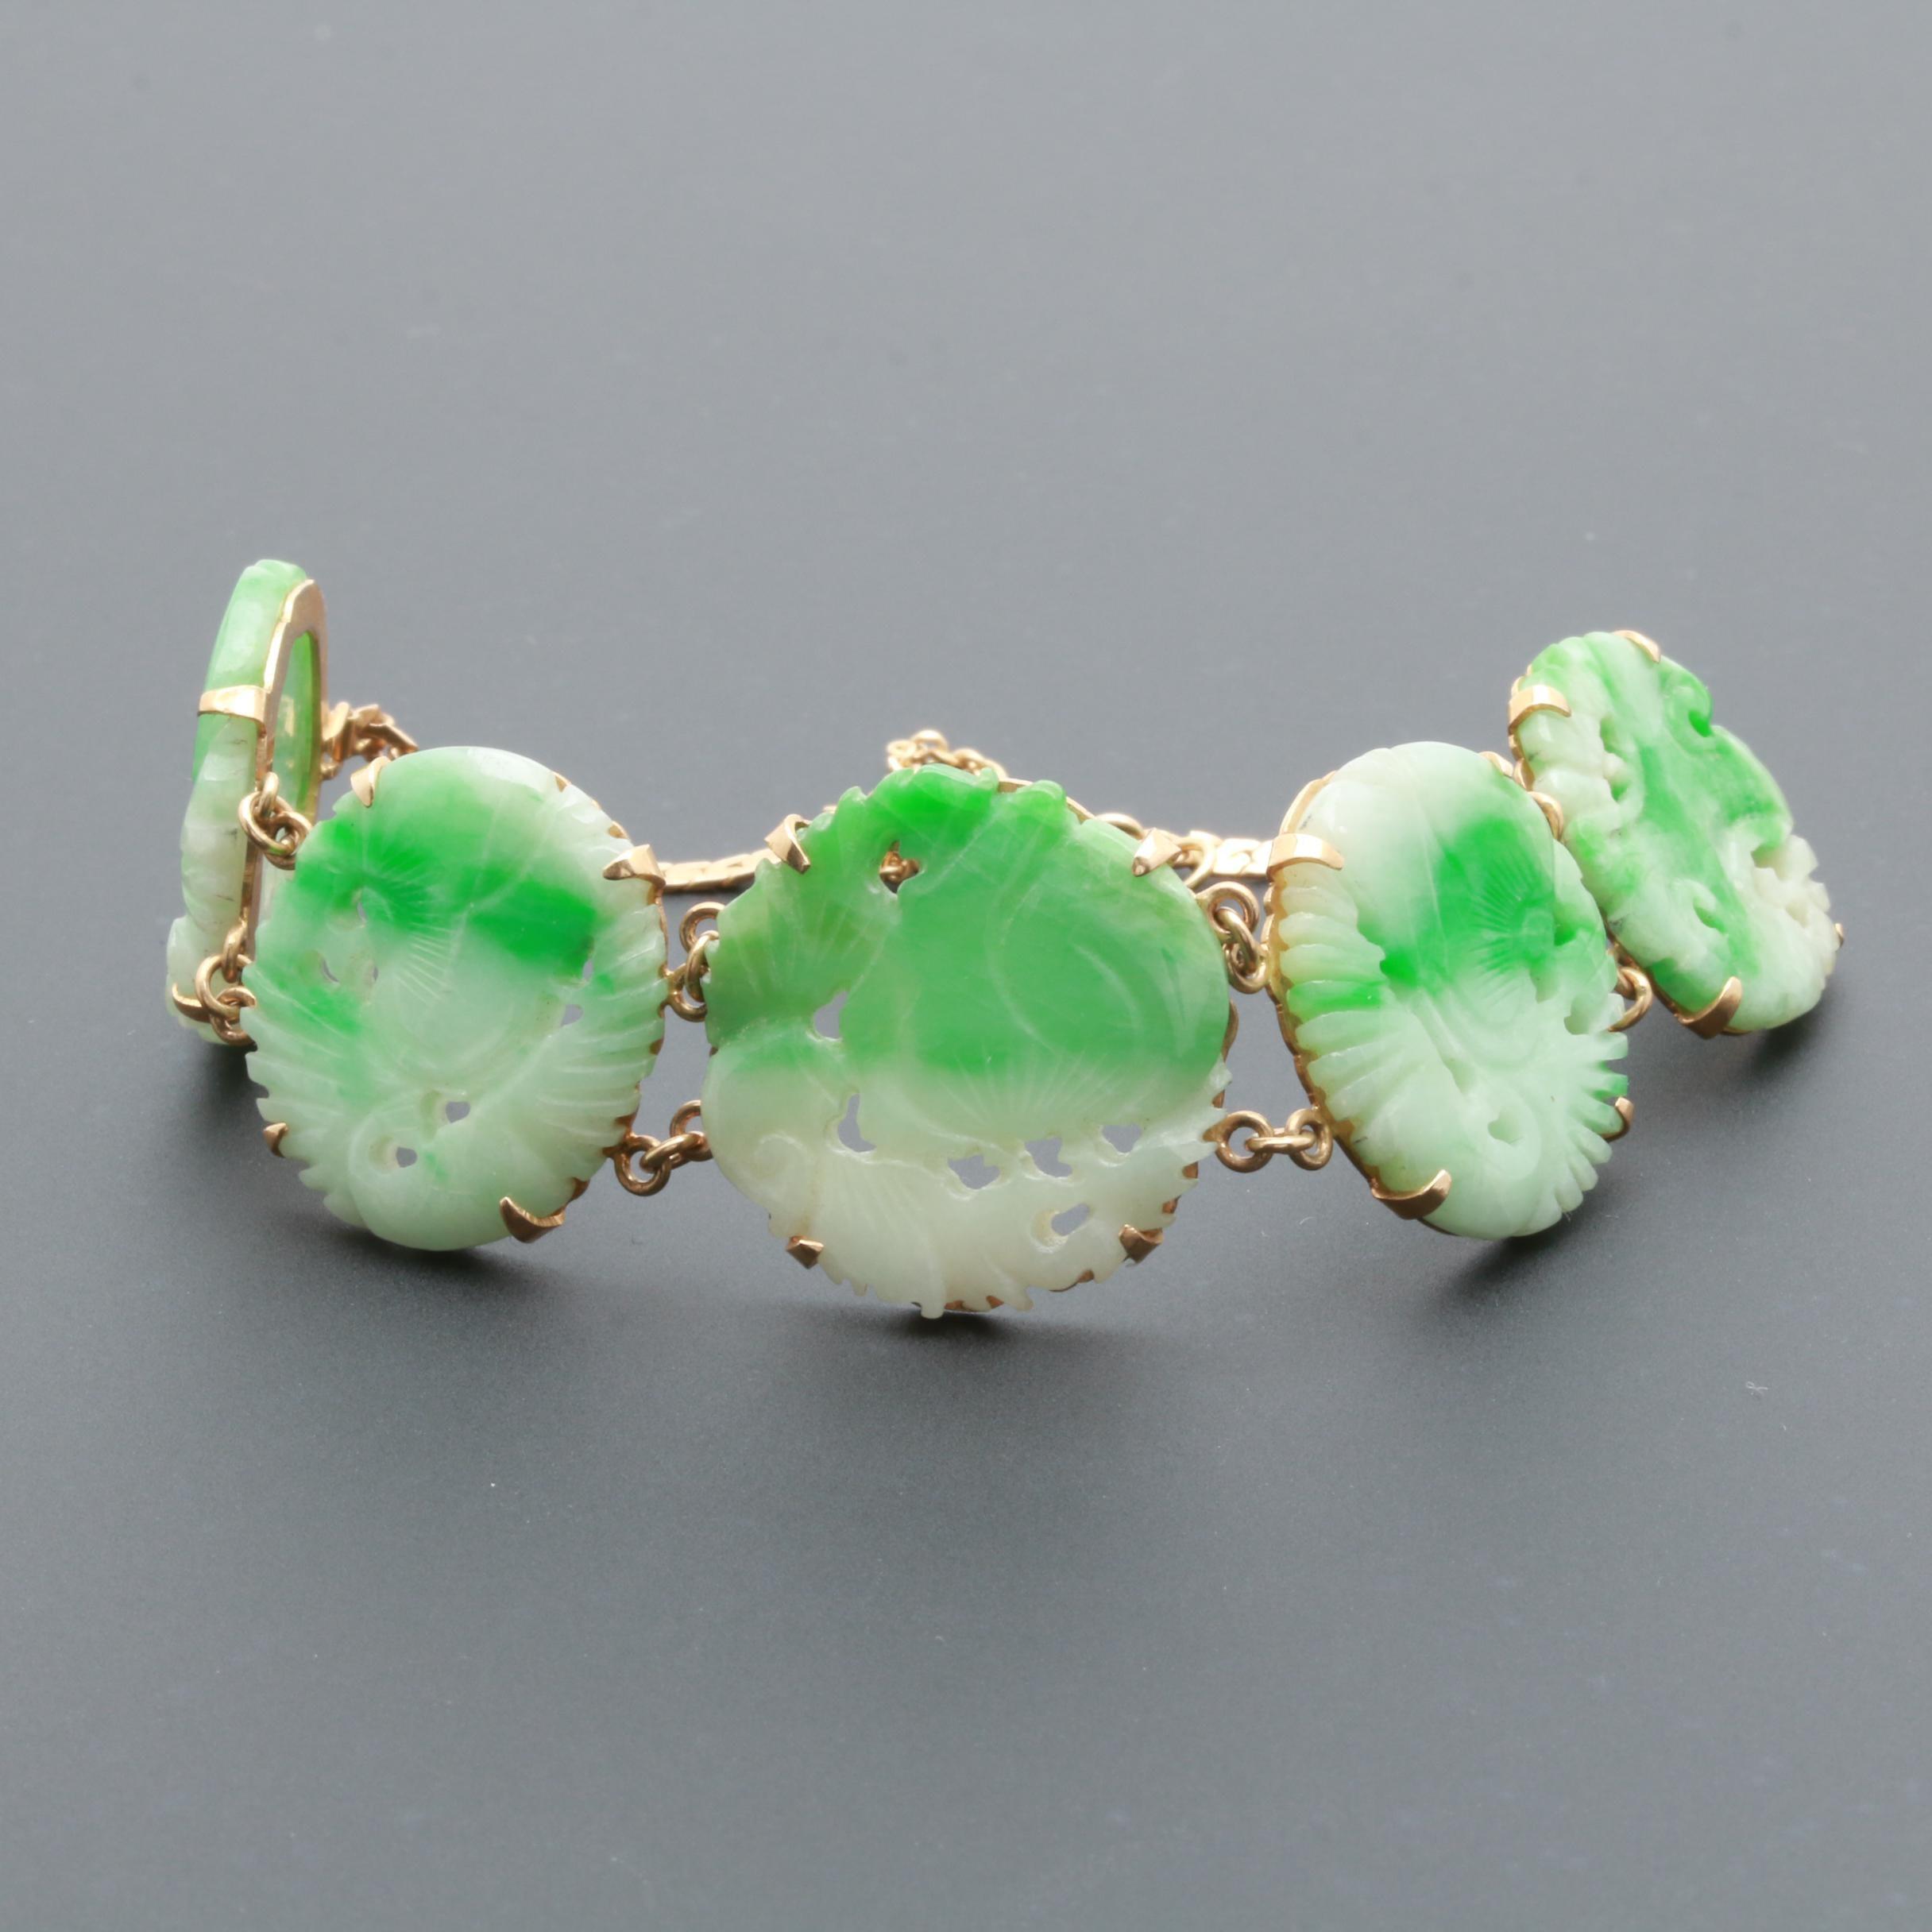 Asian Inspired 14K Yellow Gold Jadeite Bracelet